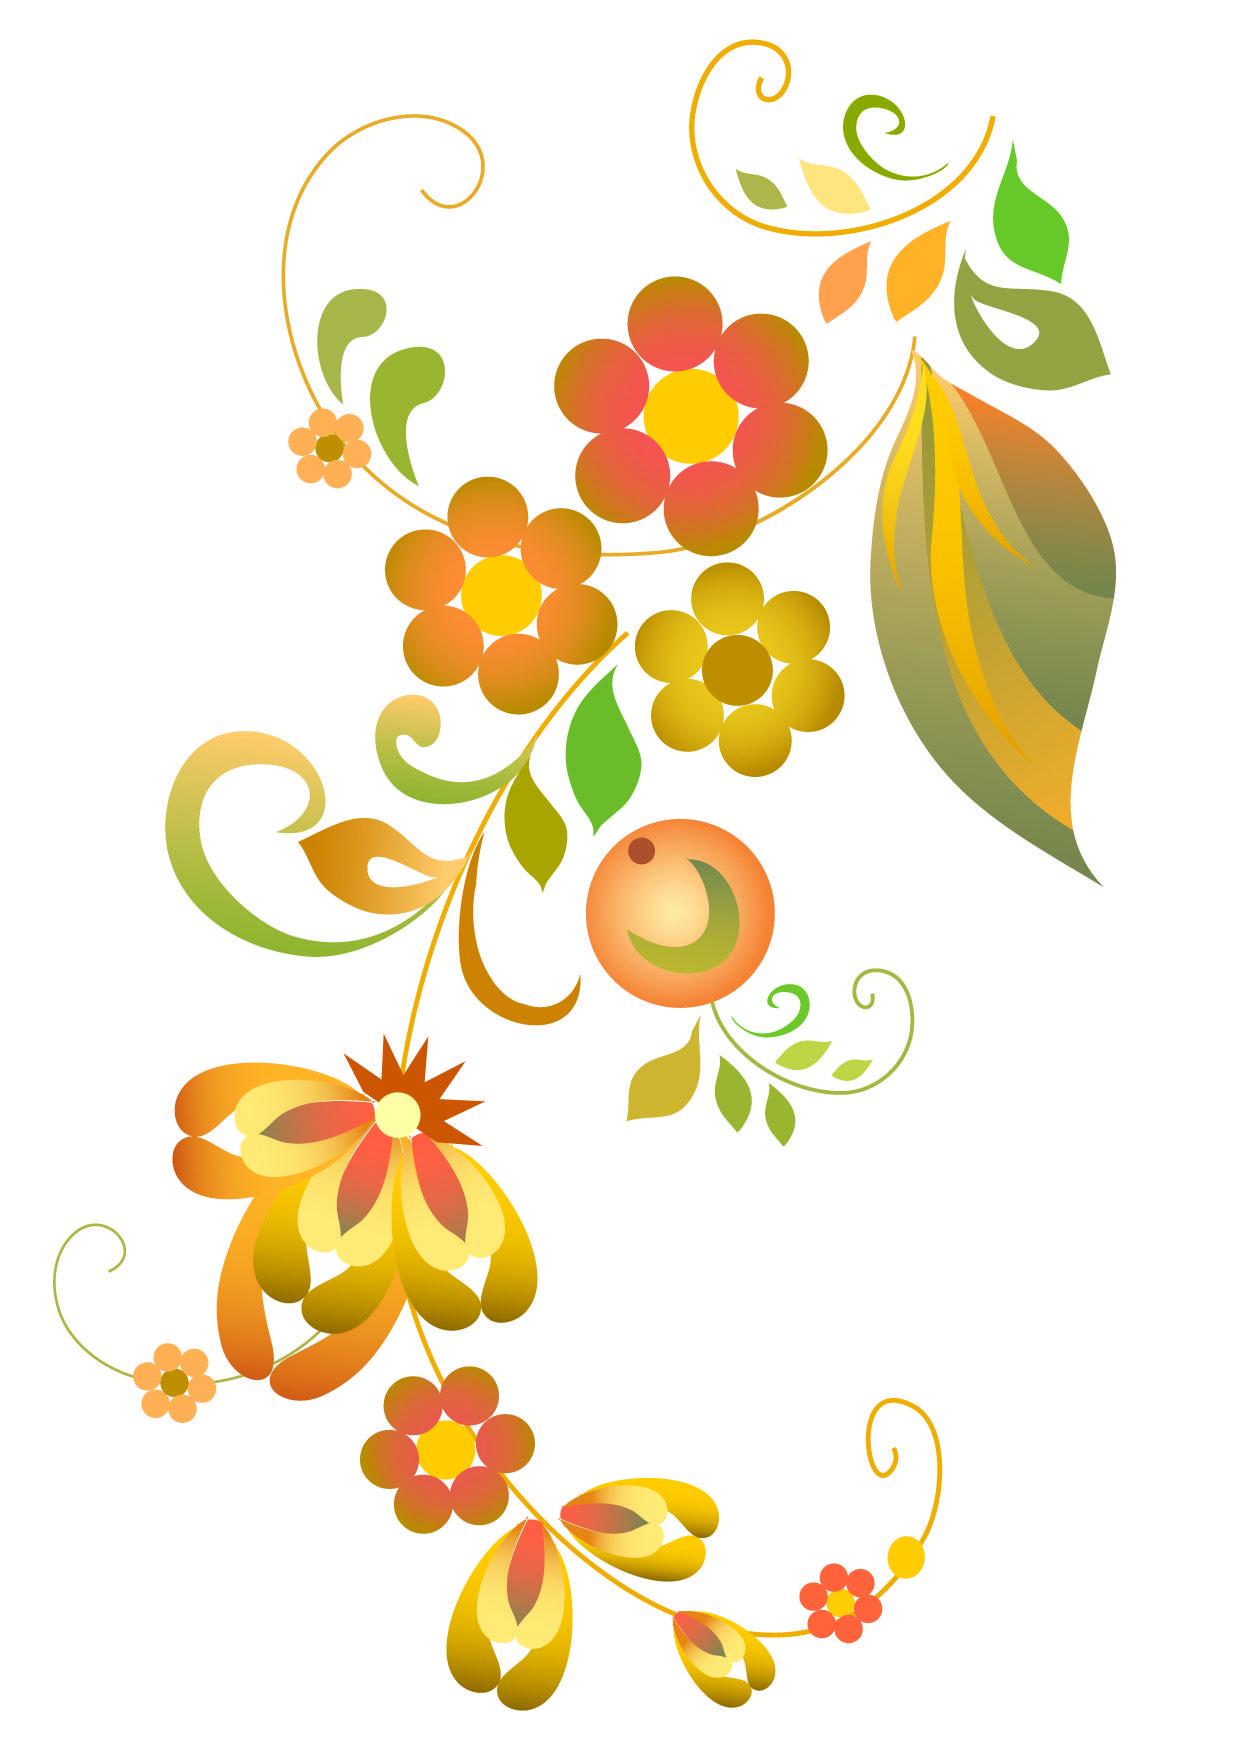 free vector beautiful flower pattern vector 020885 1 01 jpg 1240 rh pinterest com free vector flower arramgement free vector flower petals